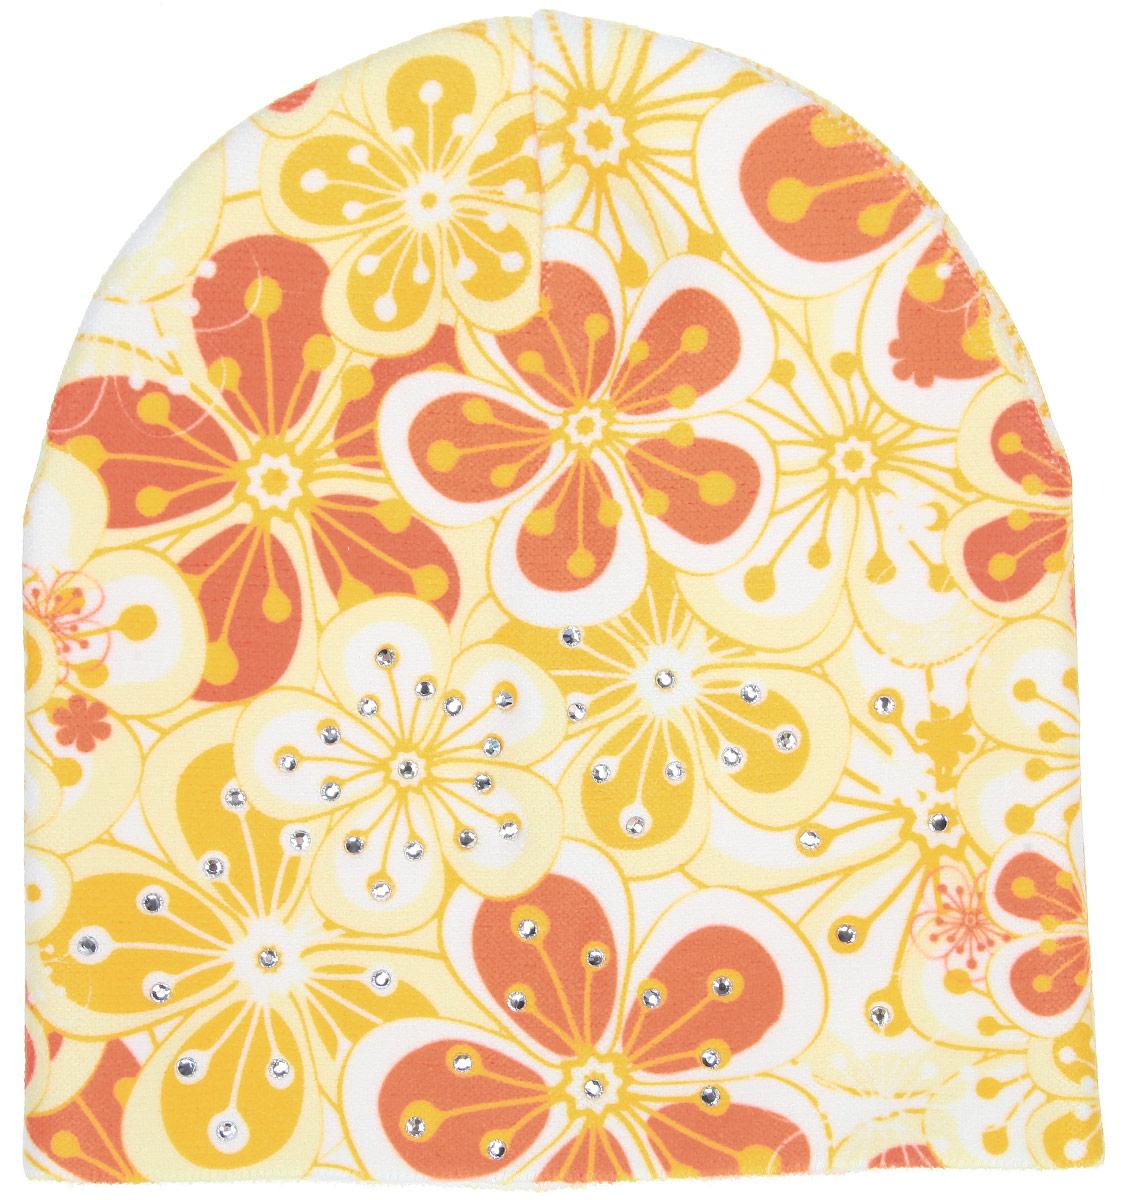 Шапка для девочки. D4737-22D4737-22-13Шапка для девочки Fishka станет стильным и красивым дополнением к детскому гардеробу. Шапка выполнена из мягкого эластичного материала, очень приятная на ощупь, идеально прилегает к голове. Изделие оформлено цветочным принтом, декорировано переливающимися стразами. Современный дизайн и расцветка делают эту шапку модным детским аксессуаром. В такой шапке ребенок будет чувствовать себя уютно, комфортно и всегда будет в центре внимания! Уважаемые клиенты! Размер, доступный для заказа, является обхватом головы.